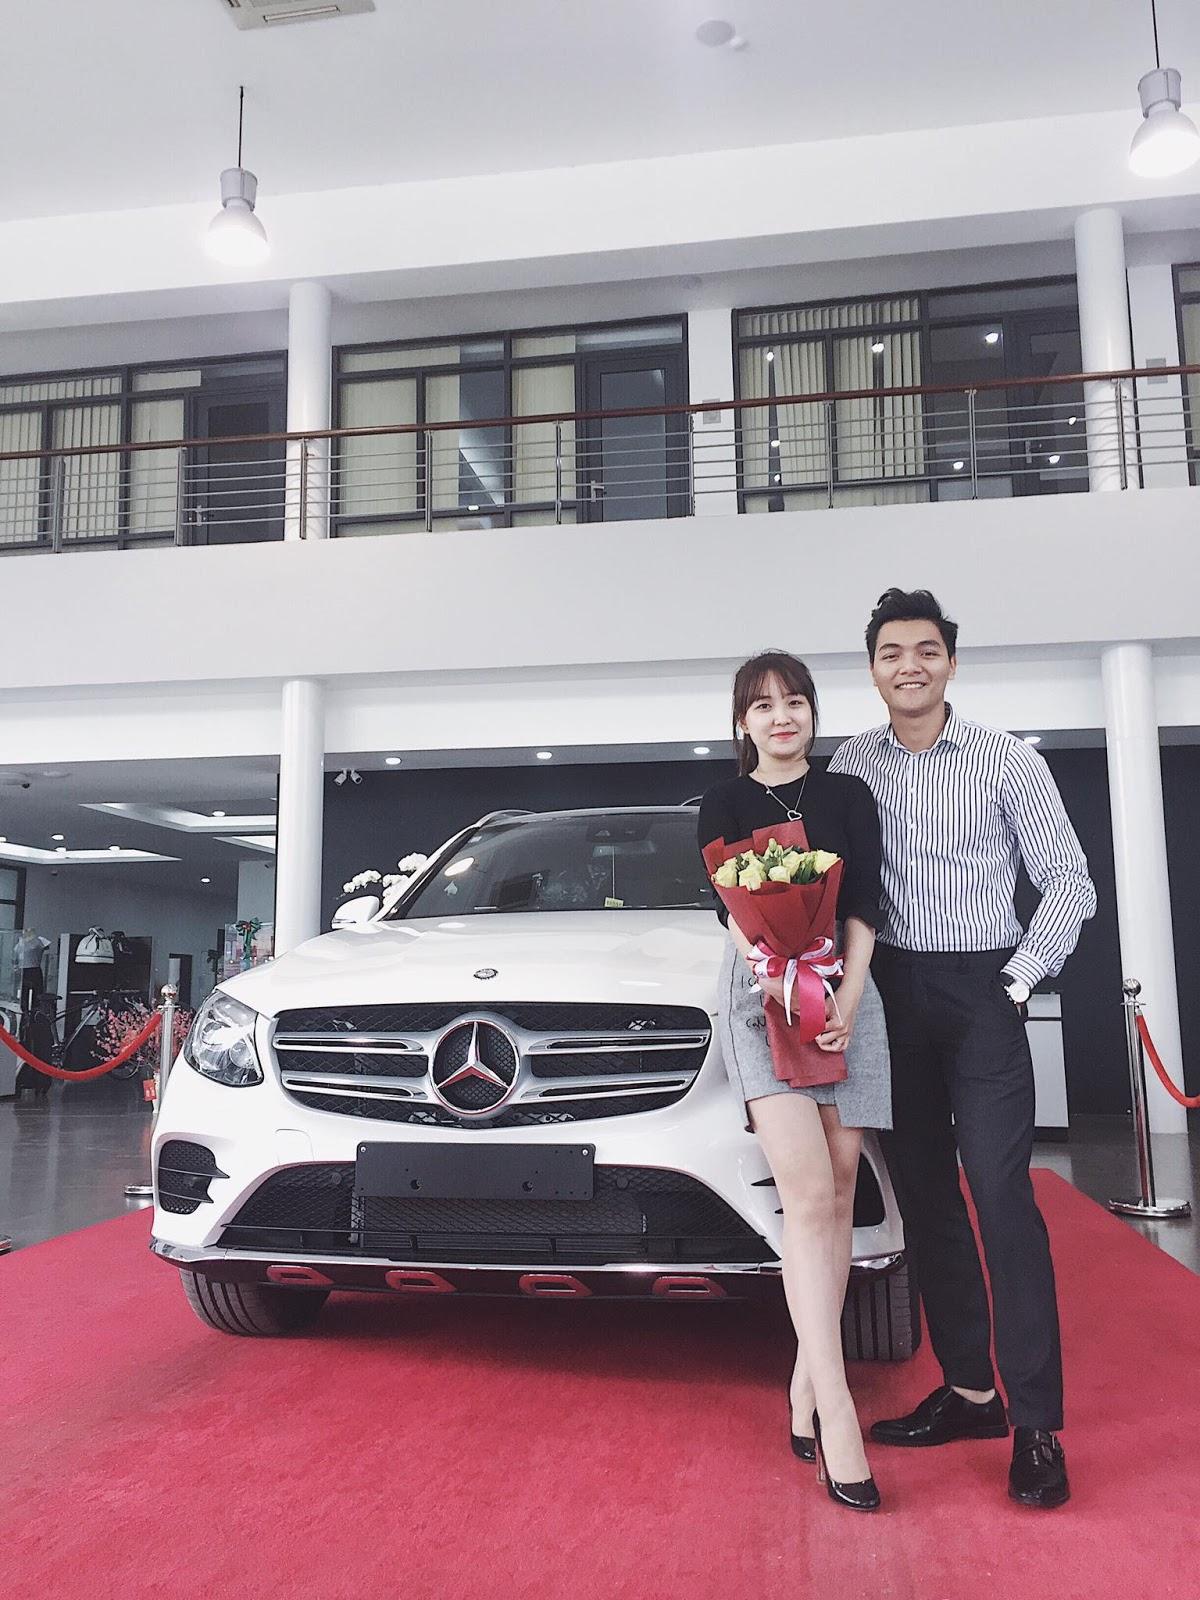 Mua ô tô hãng nào tặng vợ